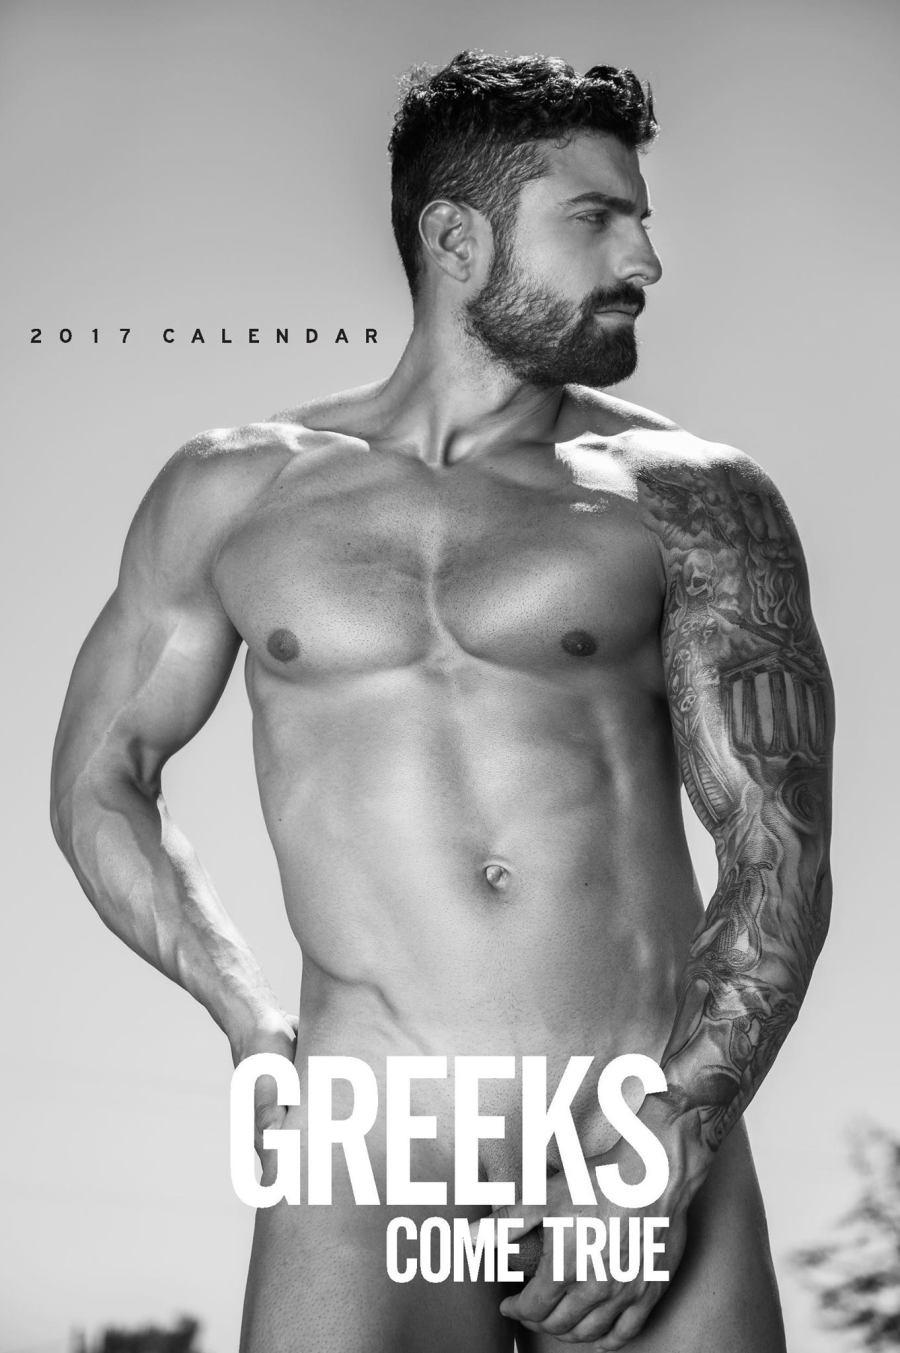 greeks-come-true-calendar-20173